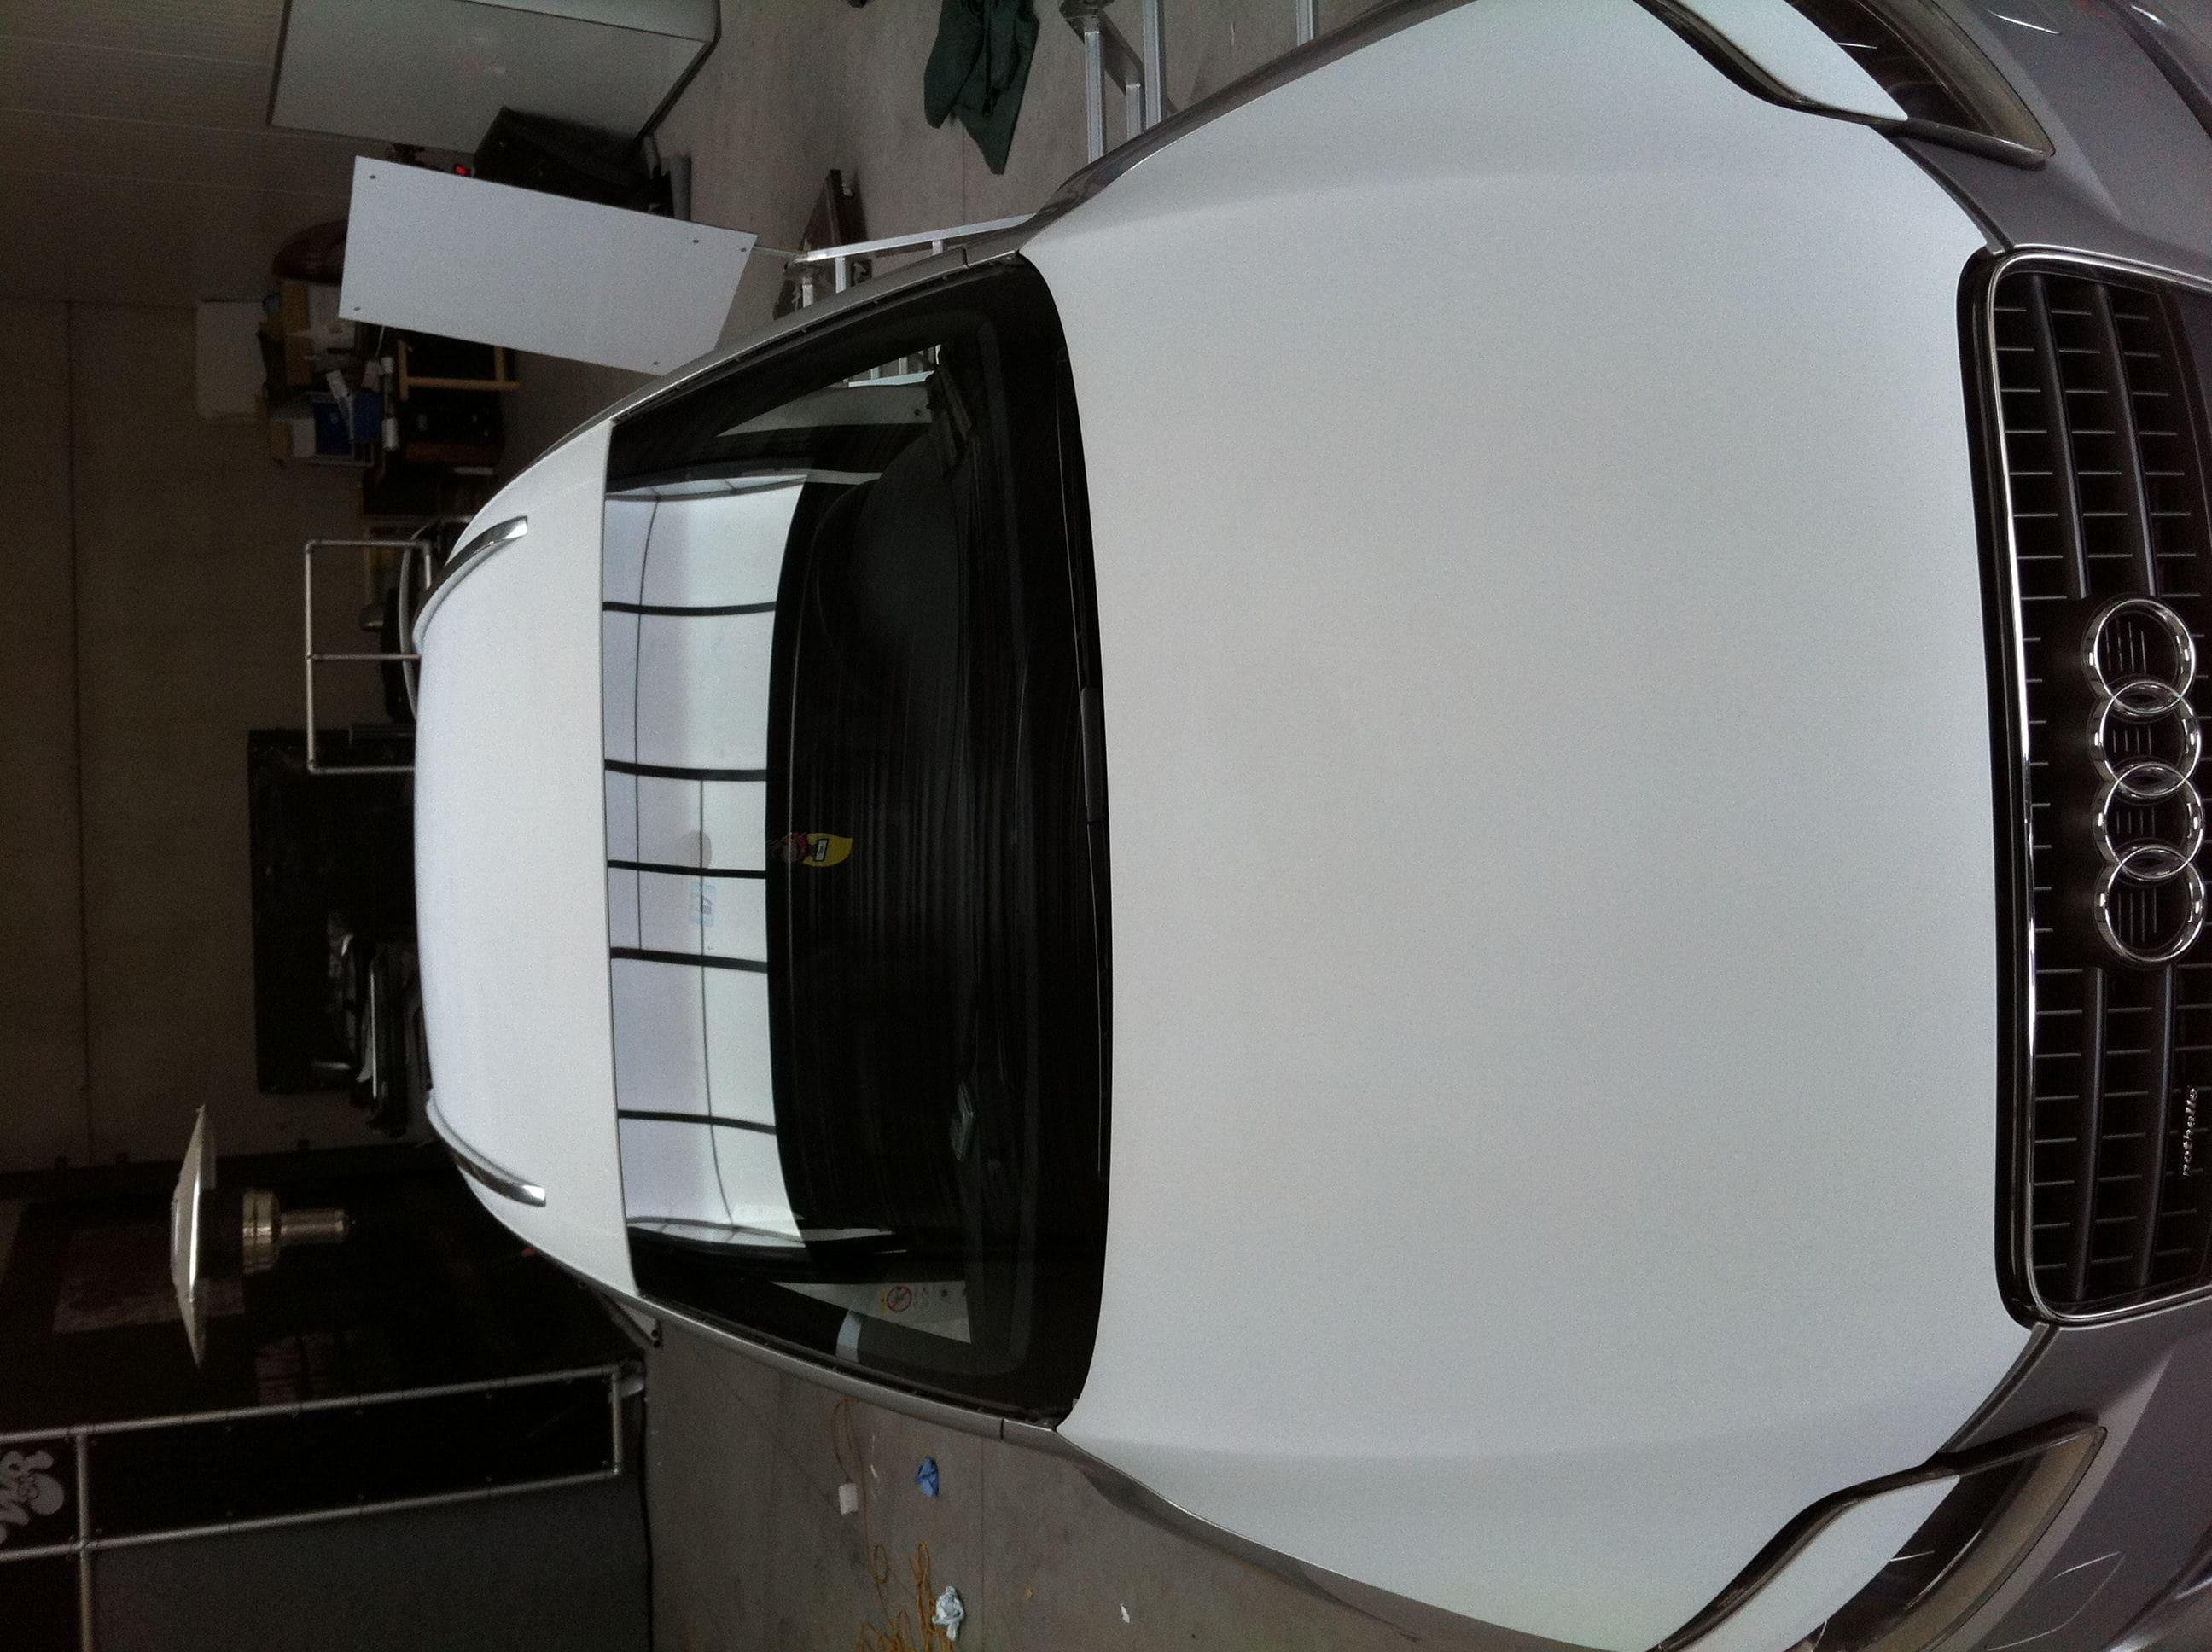 Audi Q7 met Mat Witte Wrap, Carwrapping door Wrapmyride.nu Foto-nr:4921, ©2021